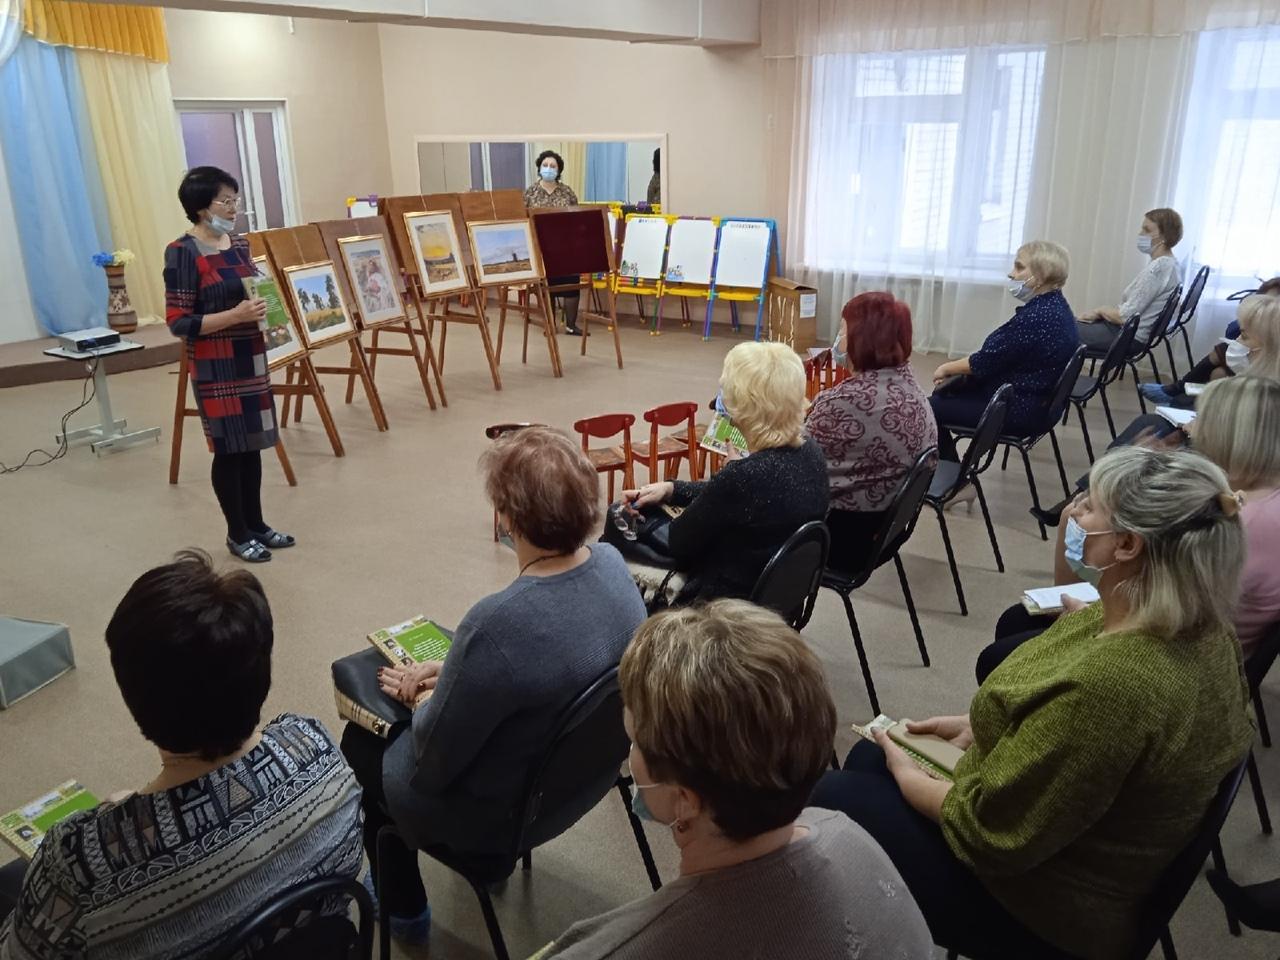 В Петровском районе будет реализован проект «Музею в детском саду быть!»